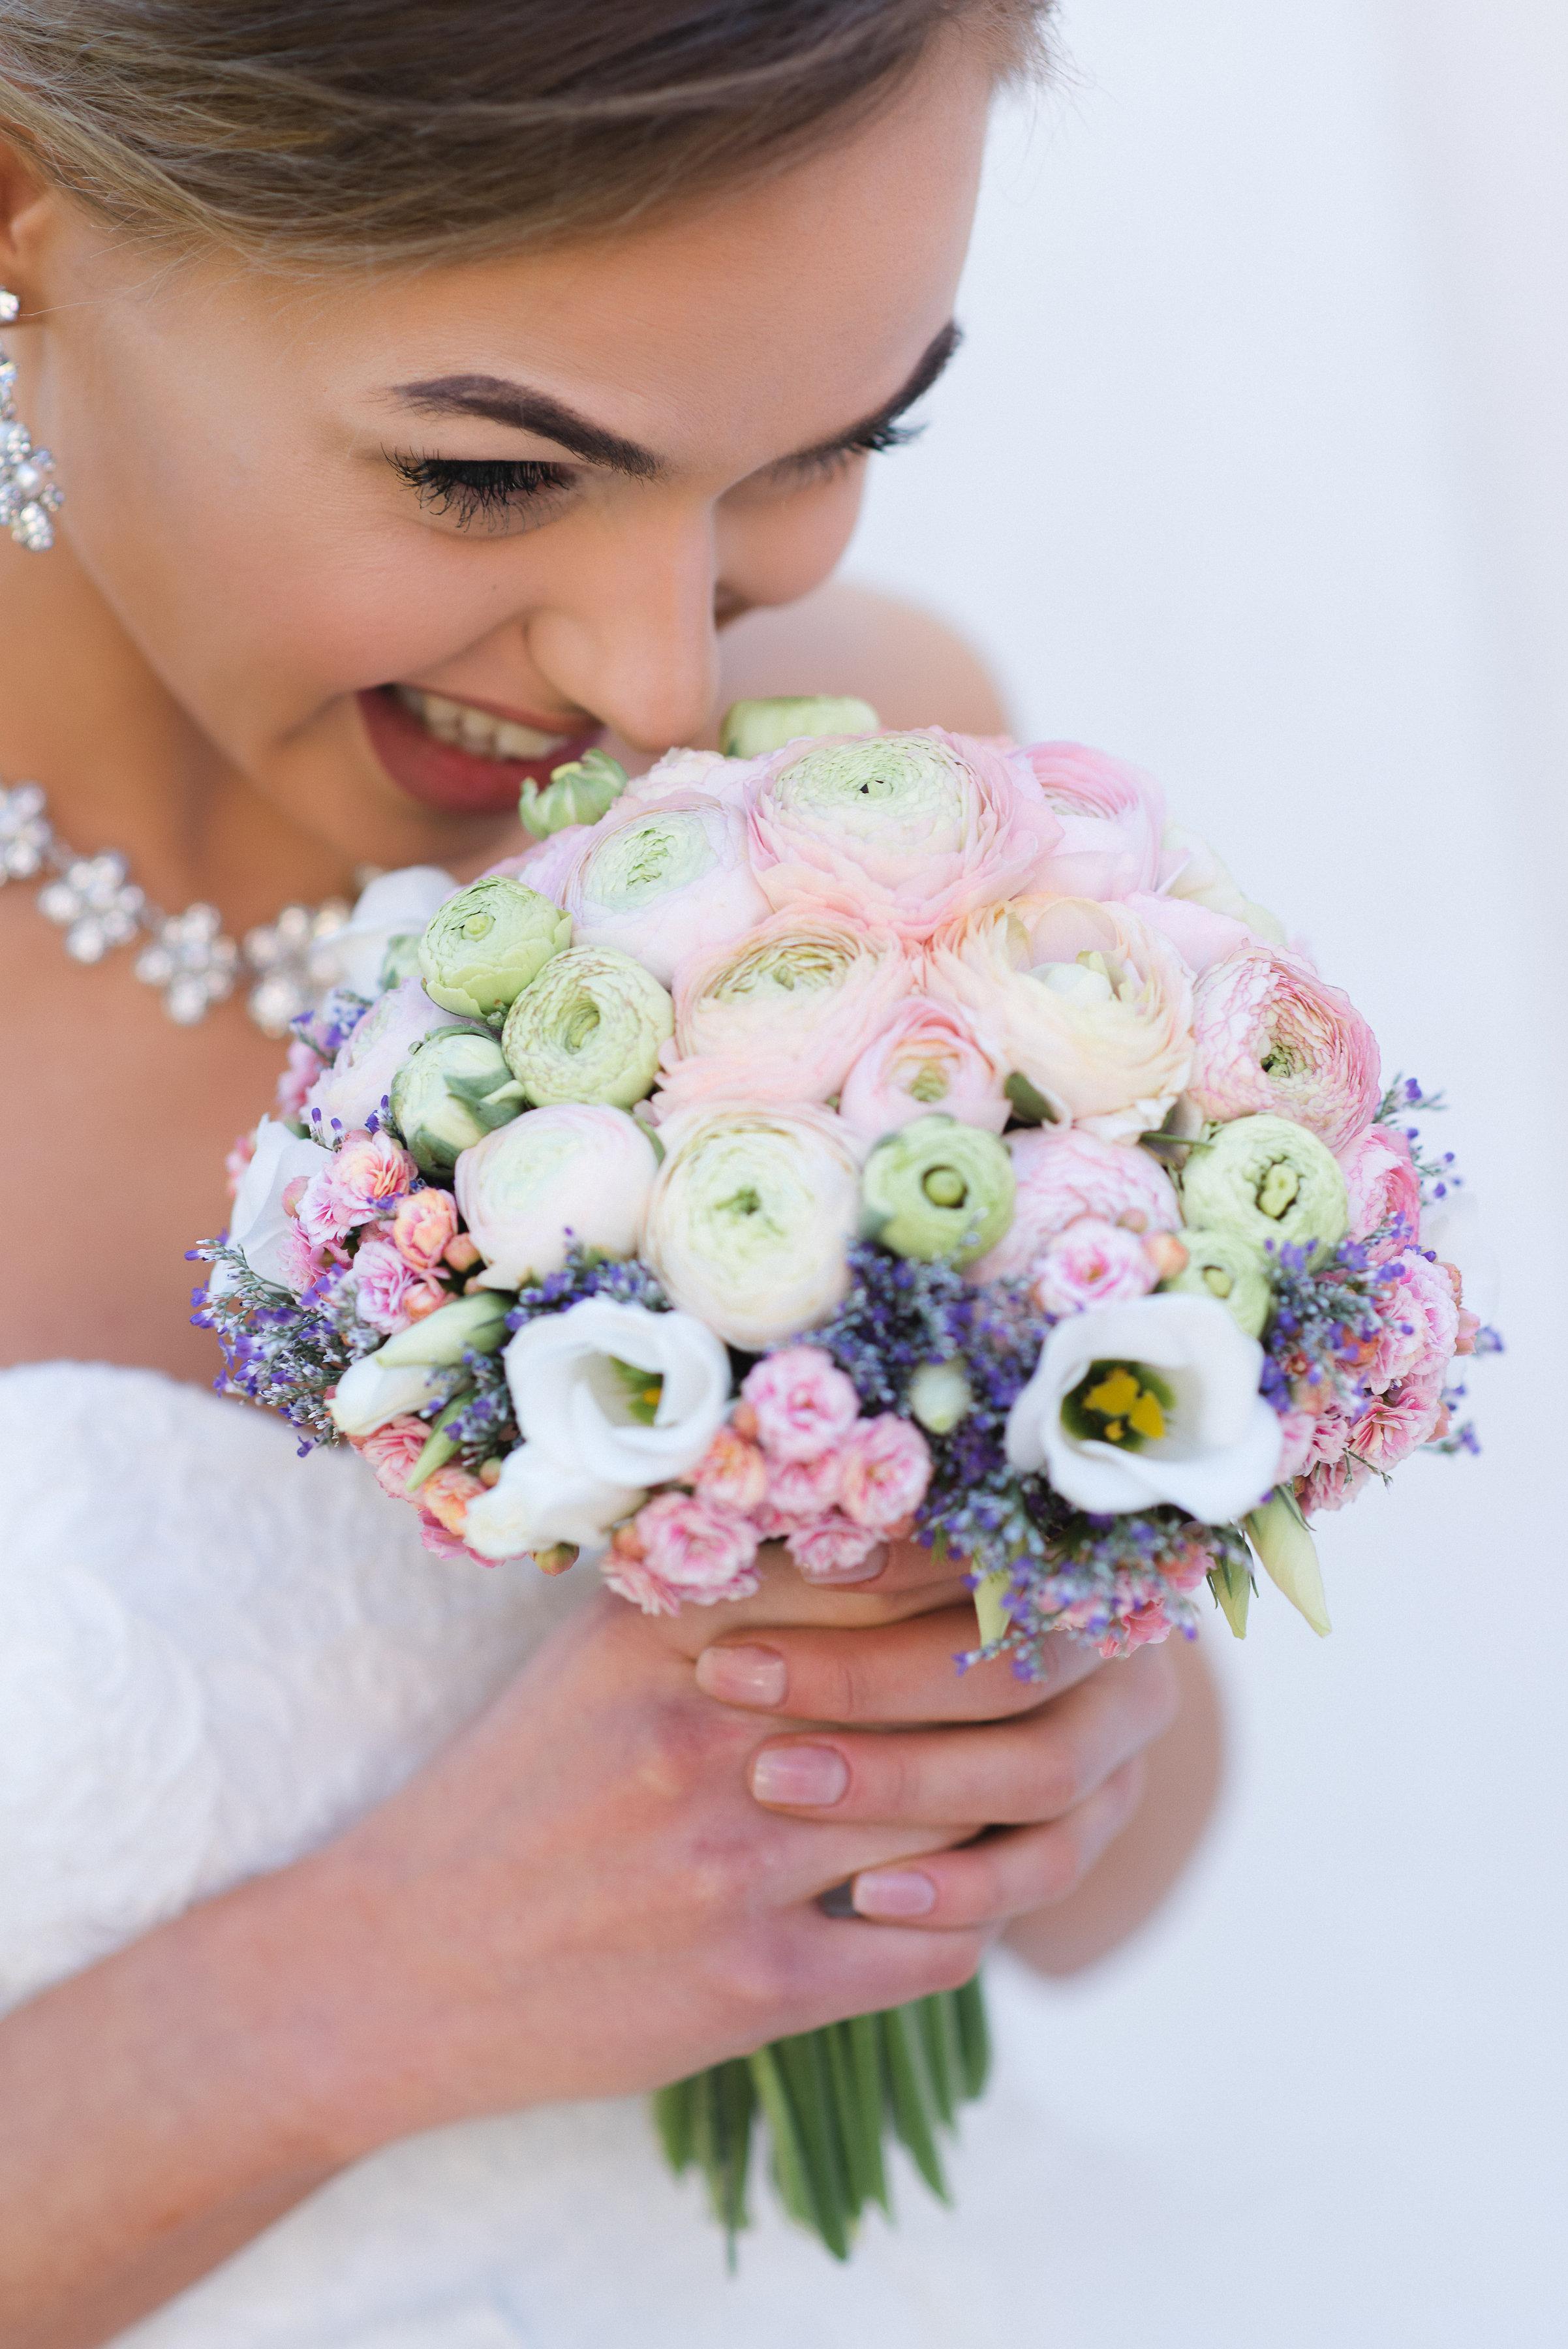 AnnaZeiterphotography_Flowershoot-1022